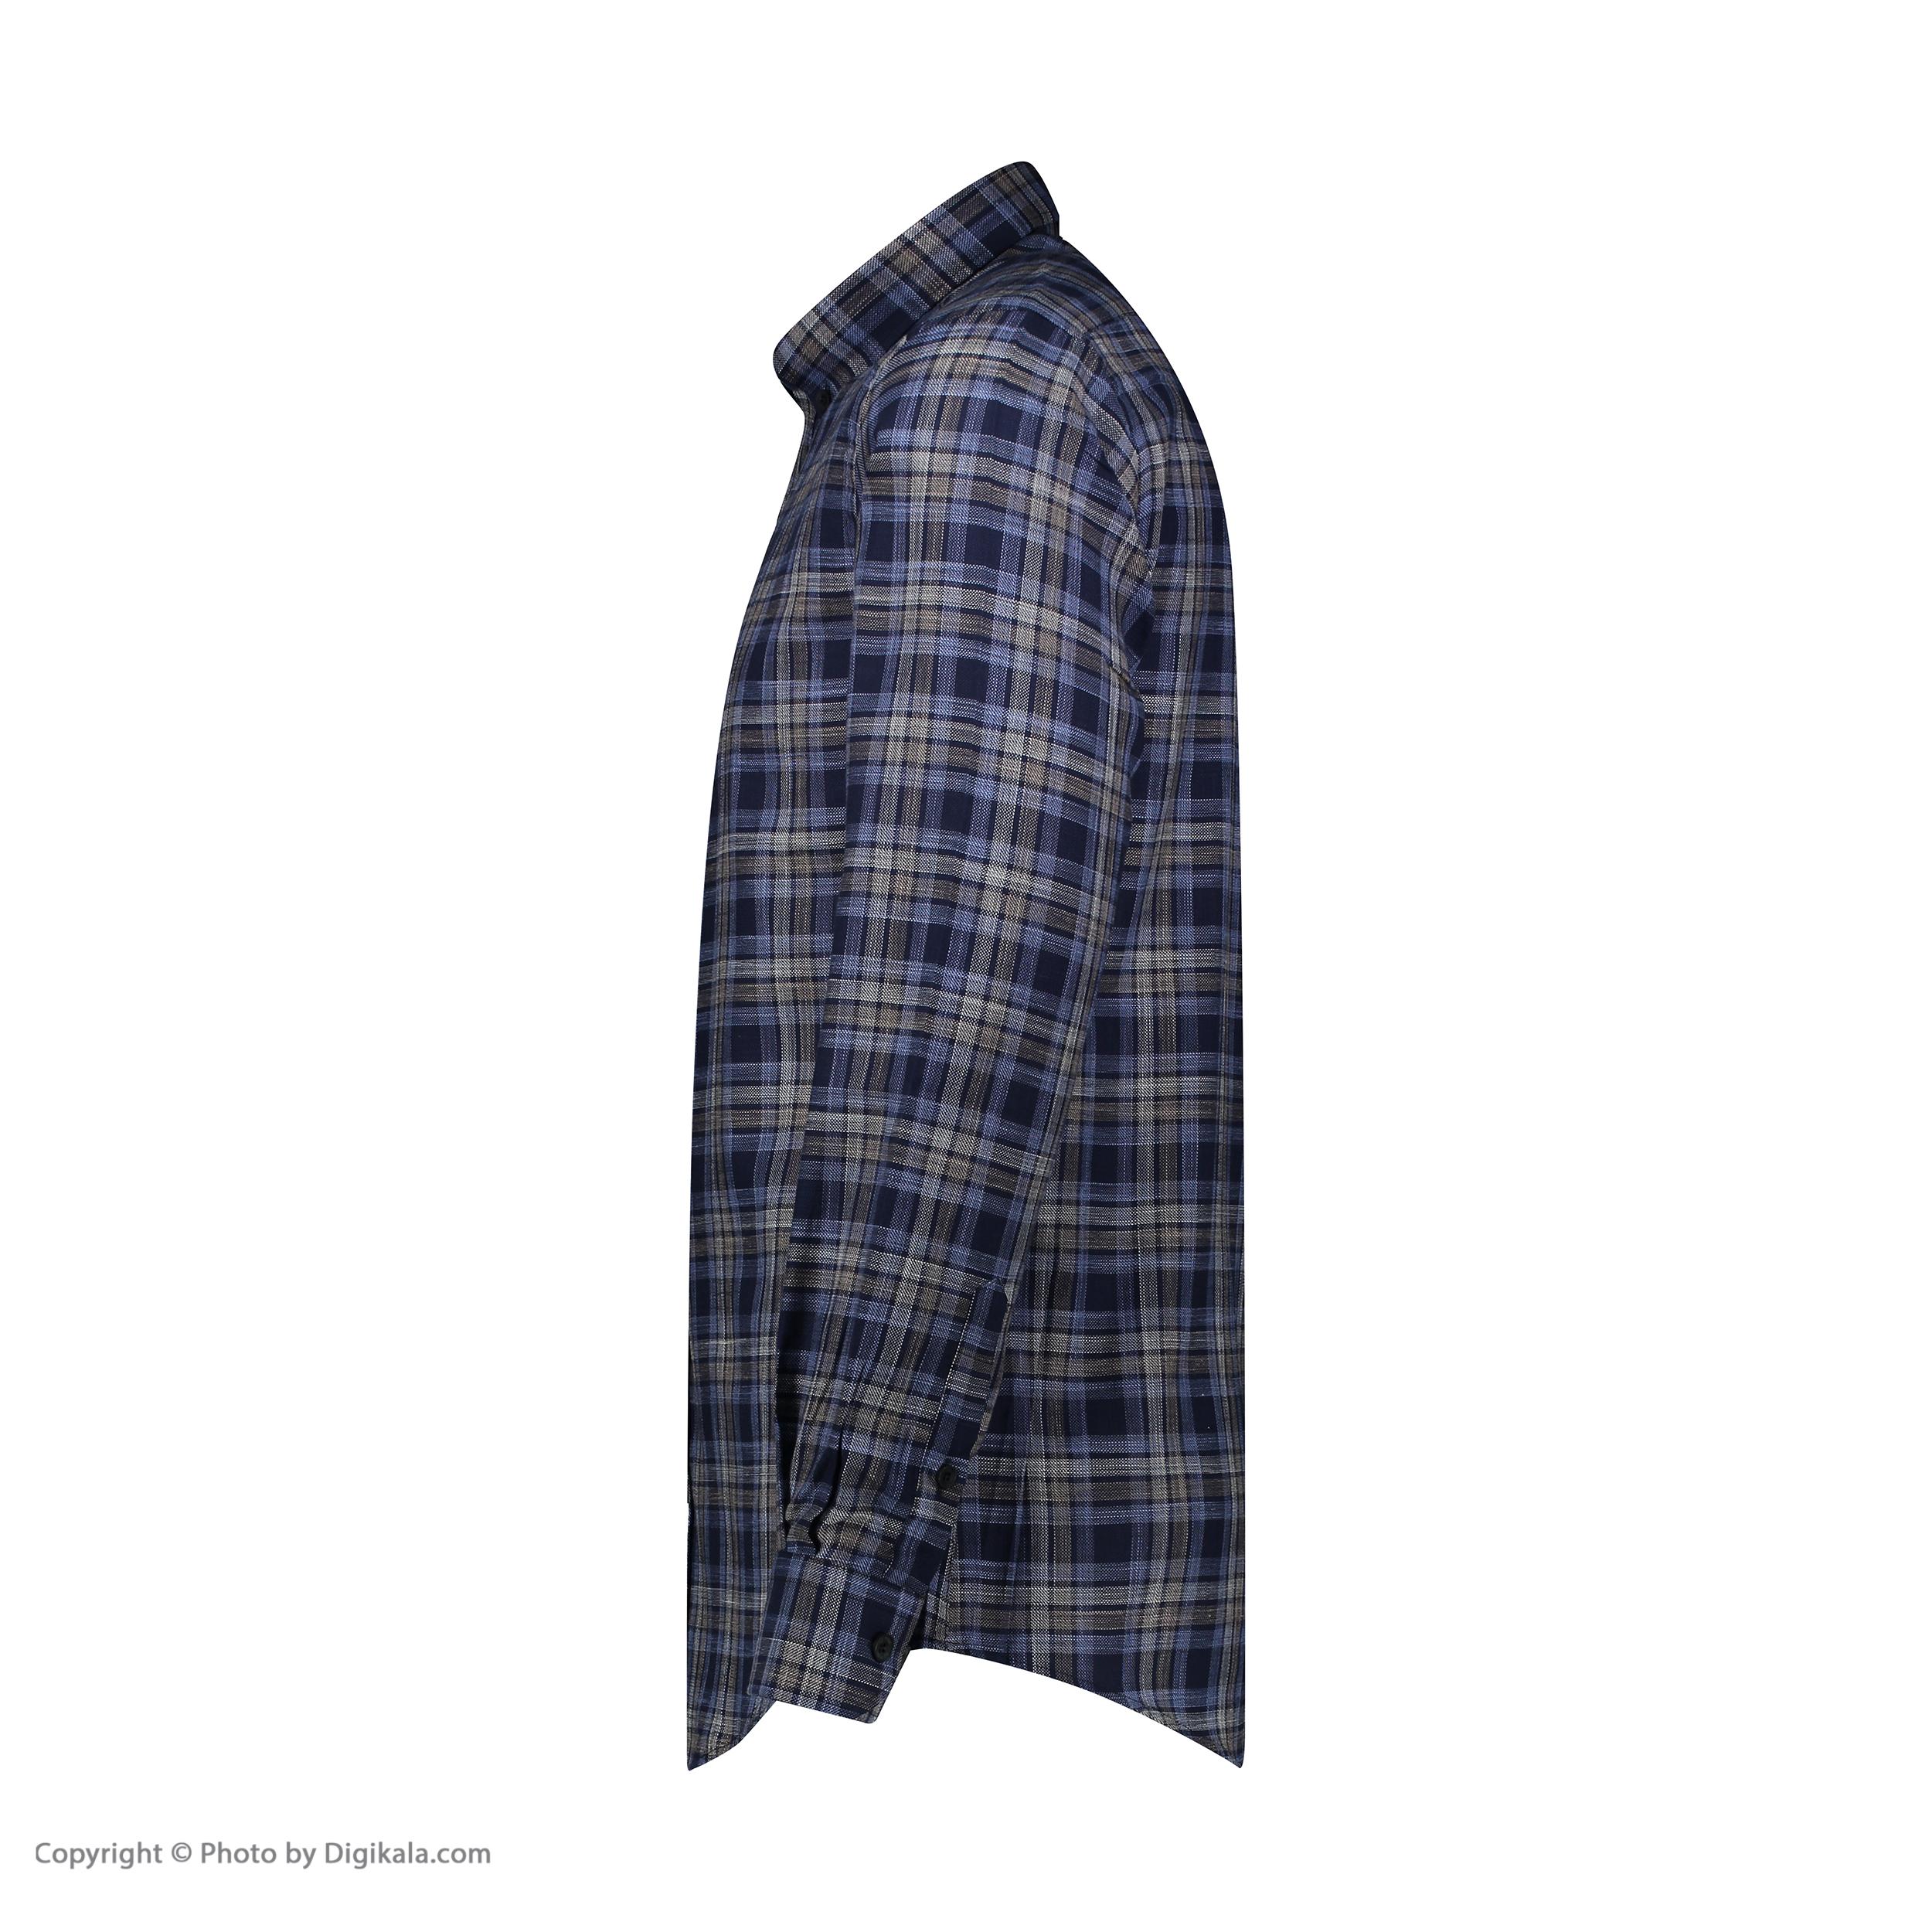 پیراهن آستین بلند مردانه ال سی من مدل 02141082-166